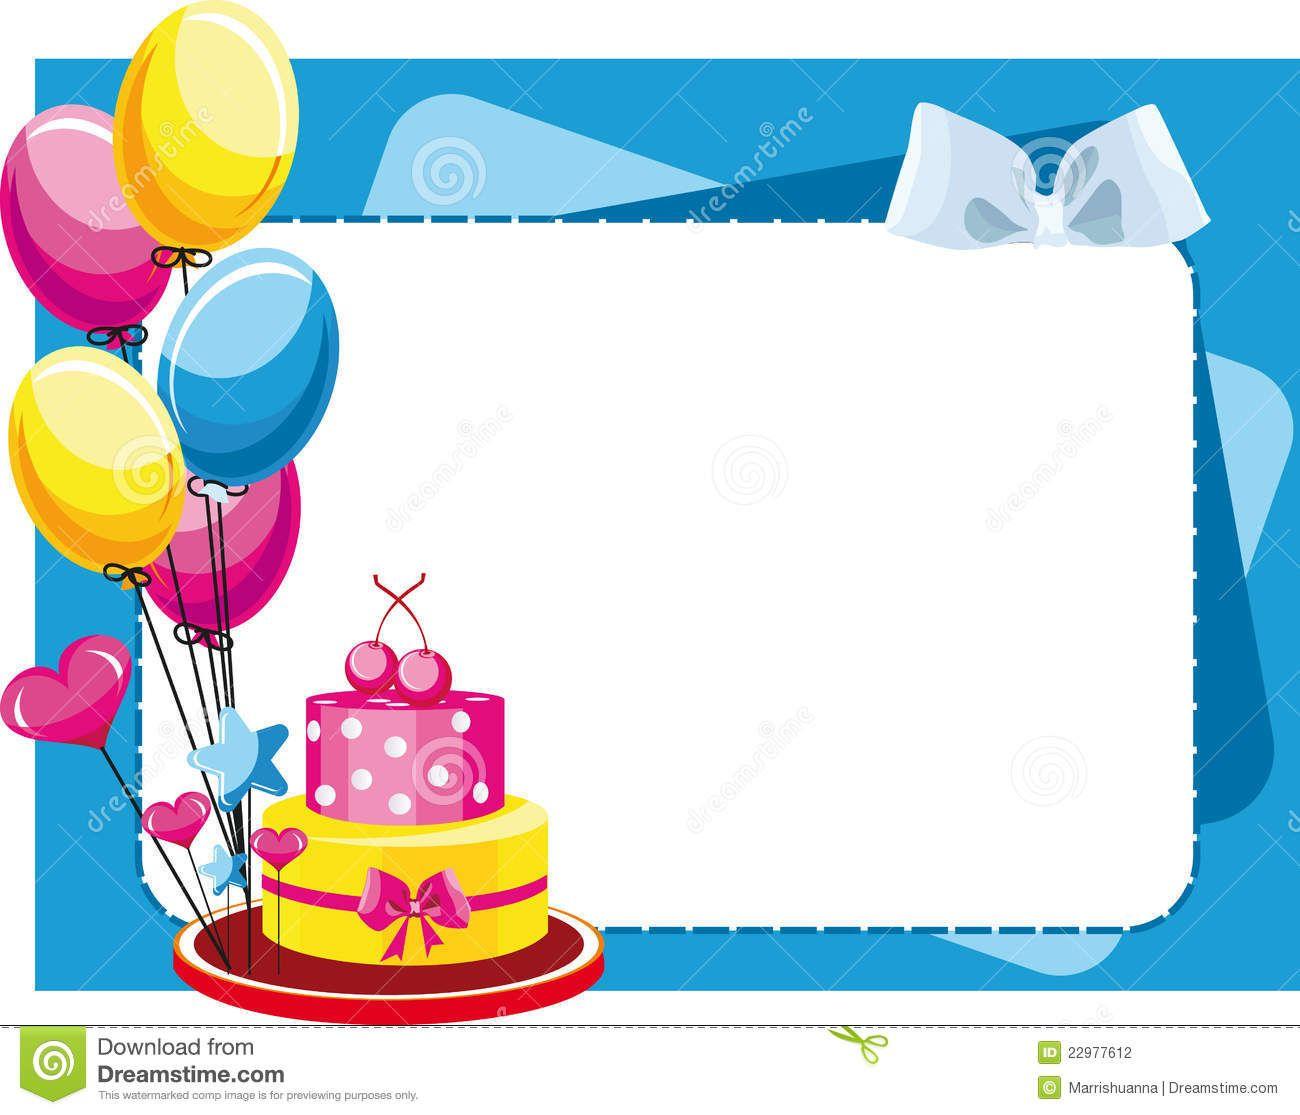 Torta congratulatoria con los globos para el cumplea os y - Que hacer para cumpleanos infantiles ...